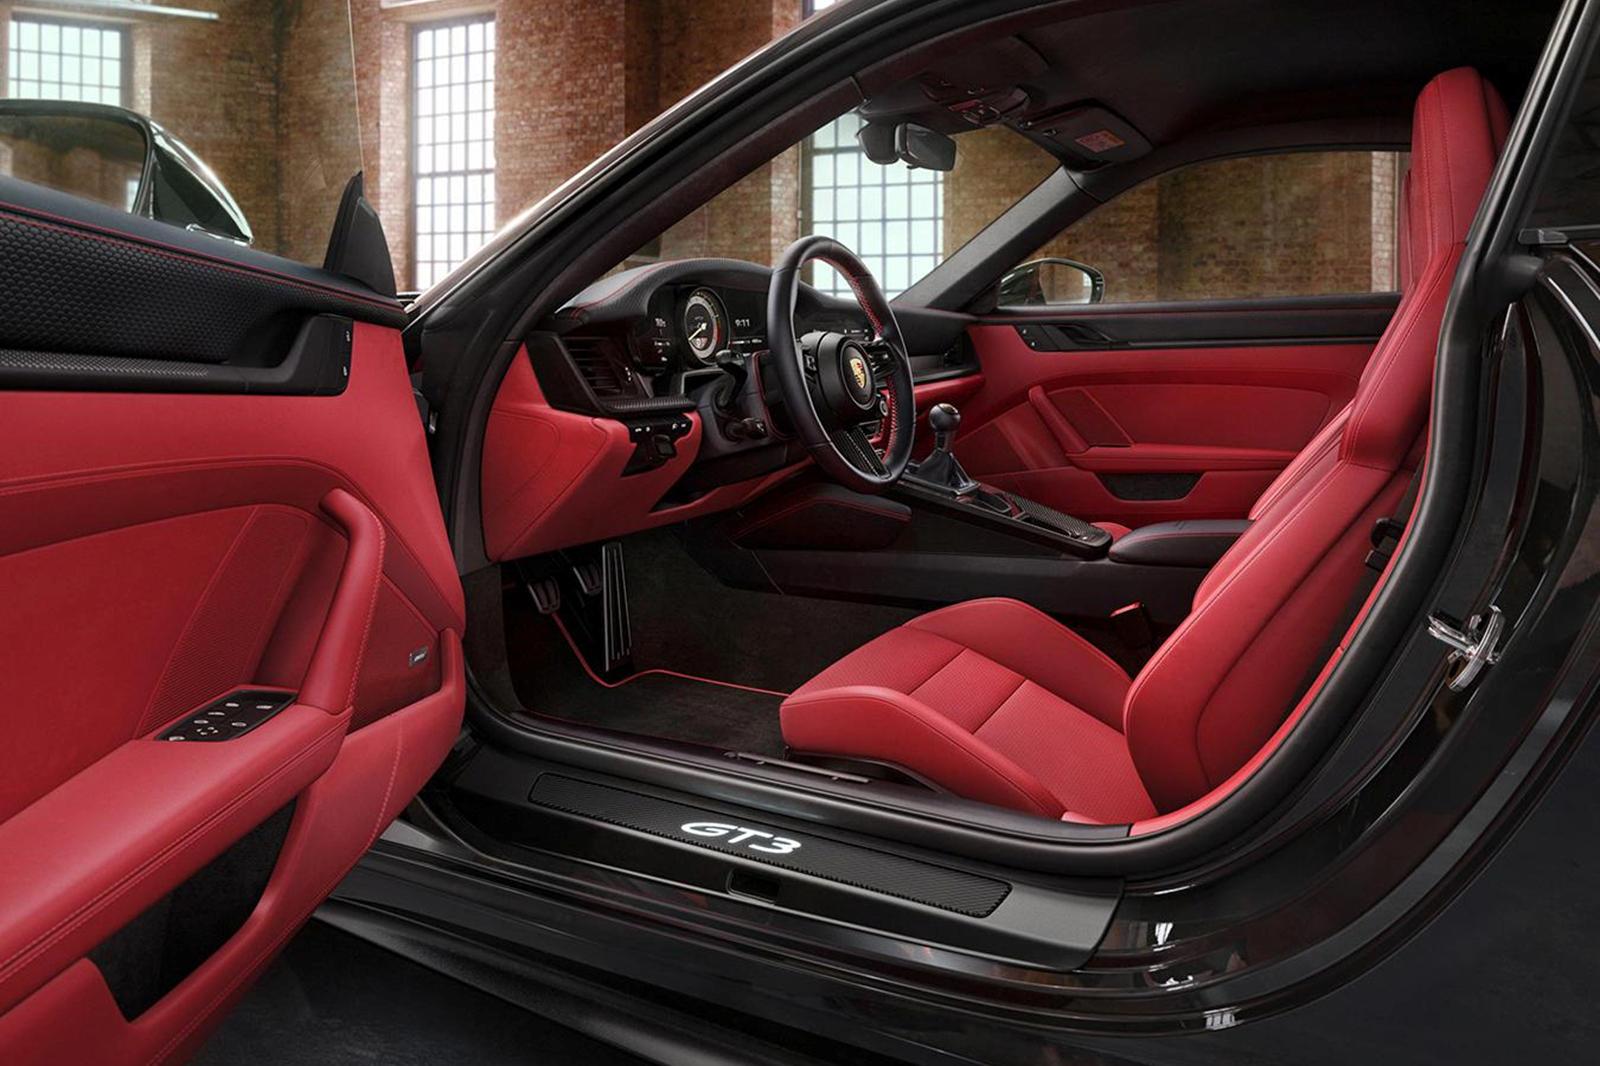 На фотографии, опубликованной в Facebook, подразделение персонализации демонстрирует 911 GT3 Touring с тонированными светодиодными фарами и колесами Satin Black размером 20 дюймов спереди и 21 дюйм сзади.